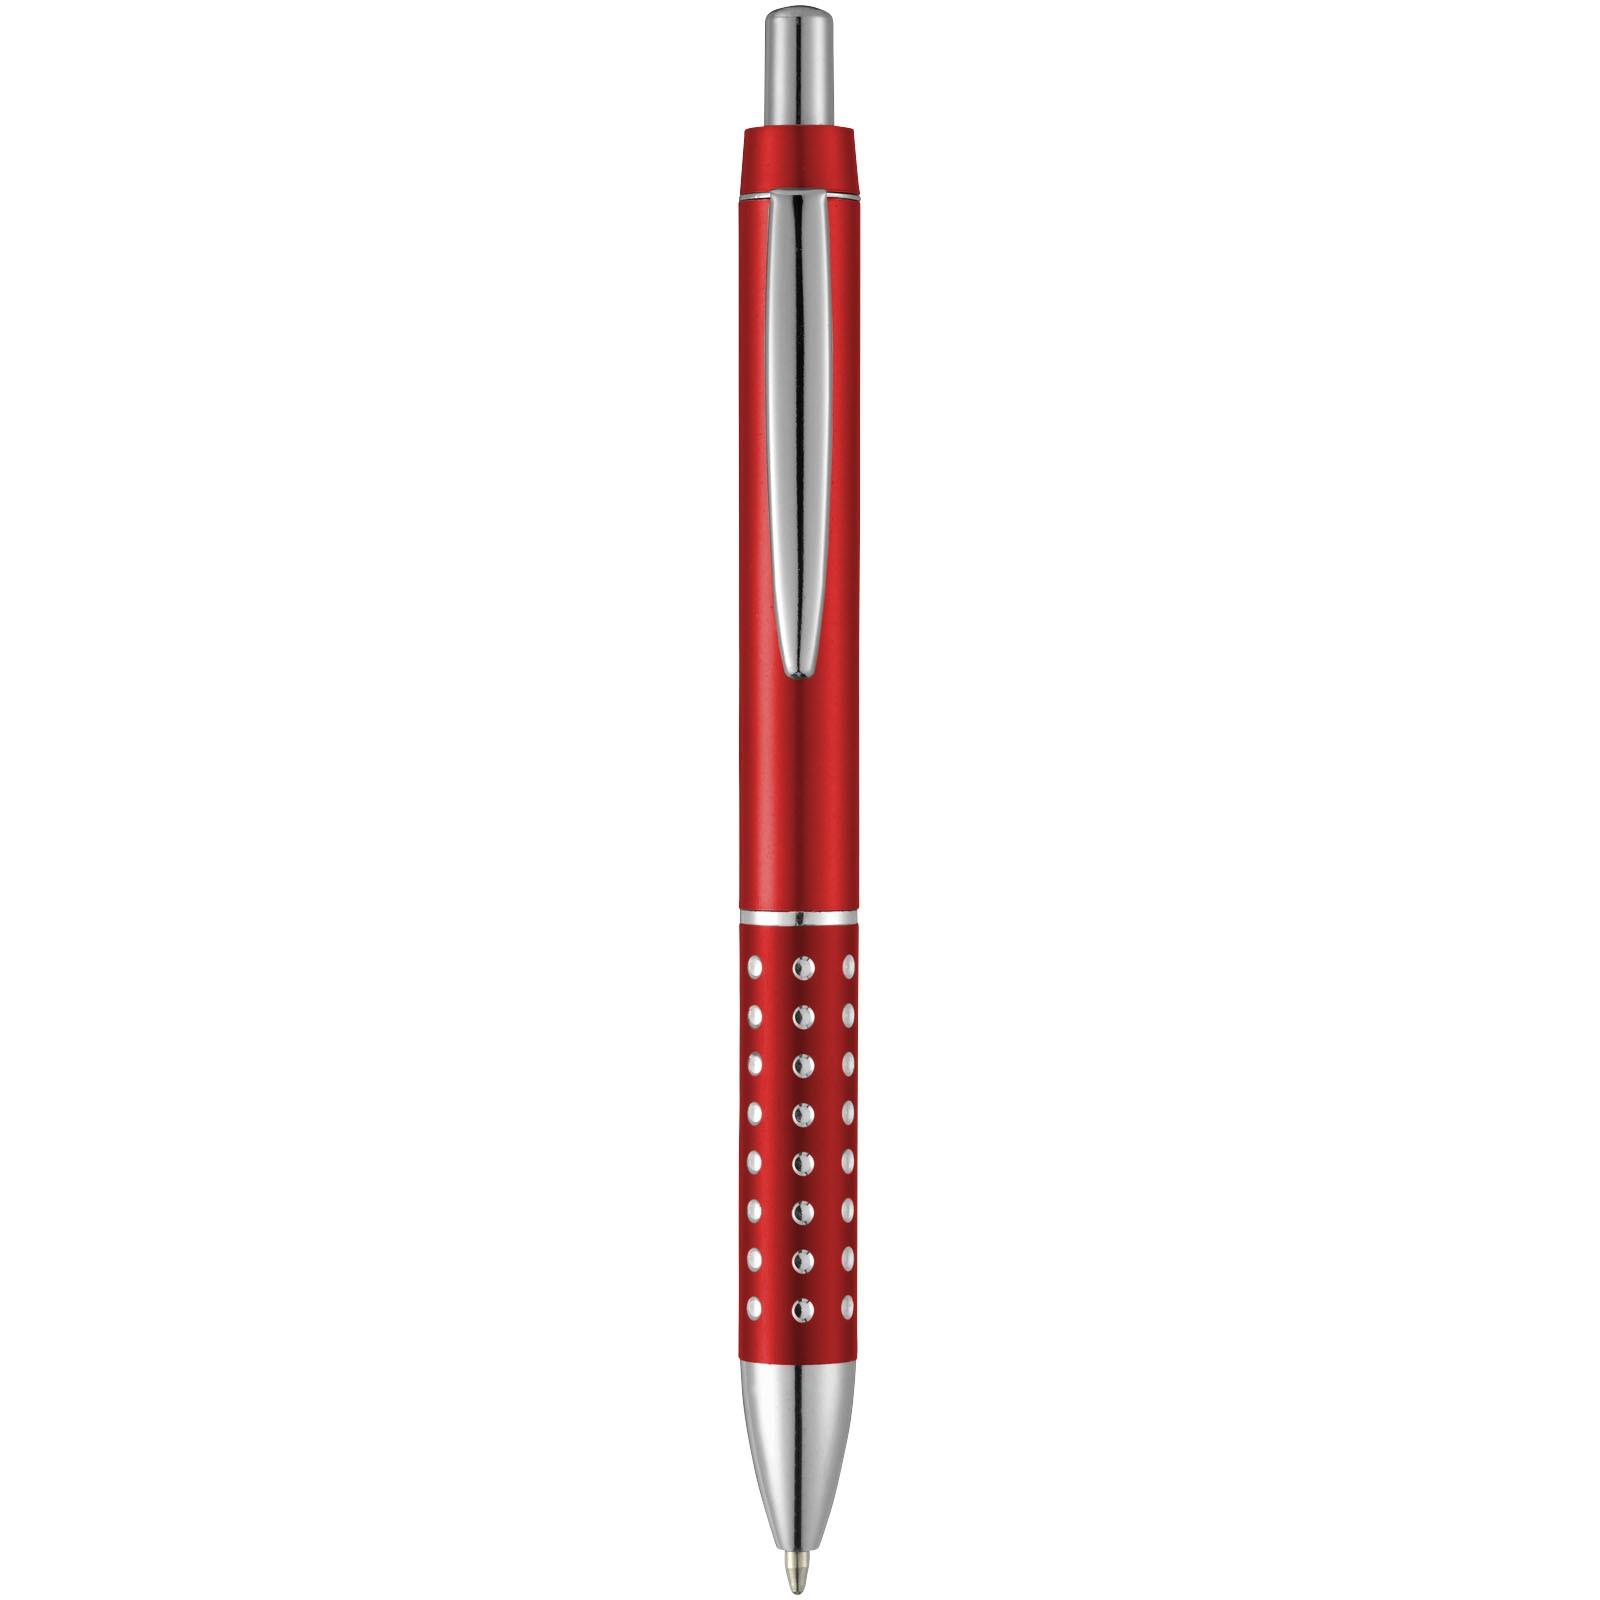 Kuličkové pero Bling s hliníkovým úchopem - Červená s efektem námrazy